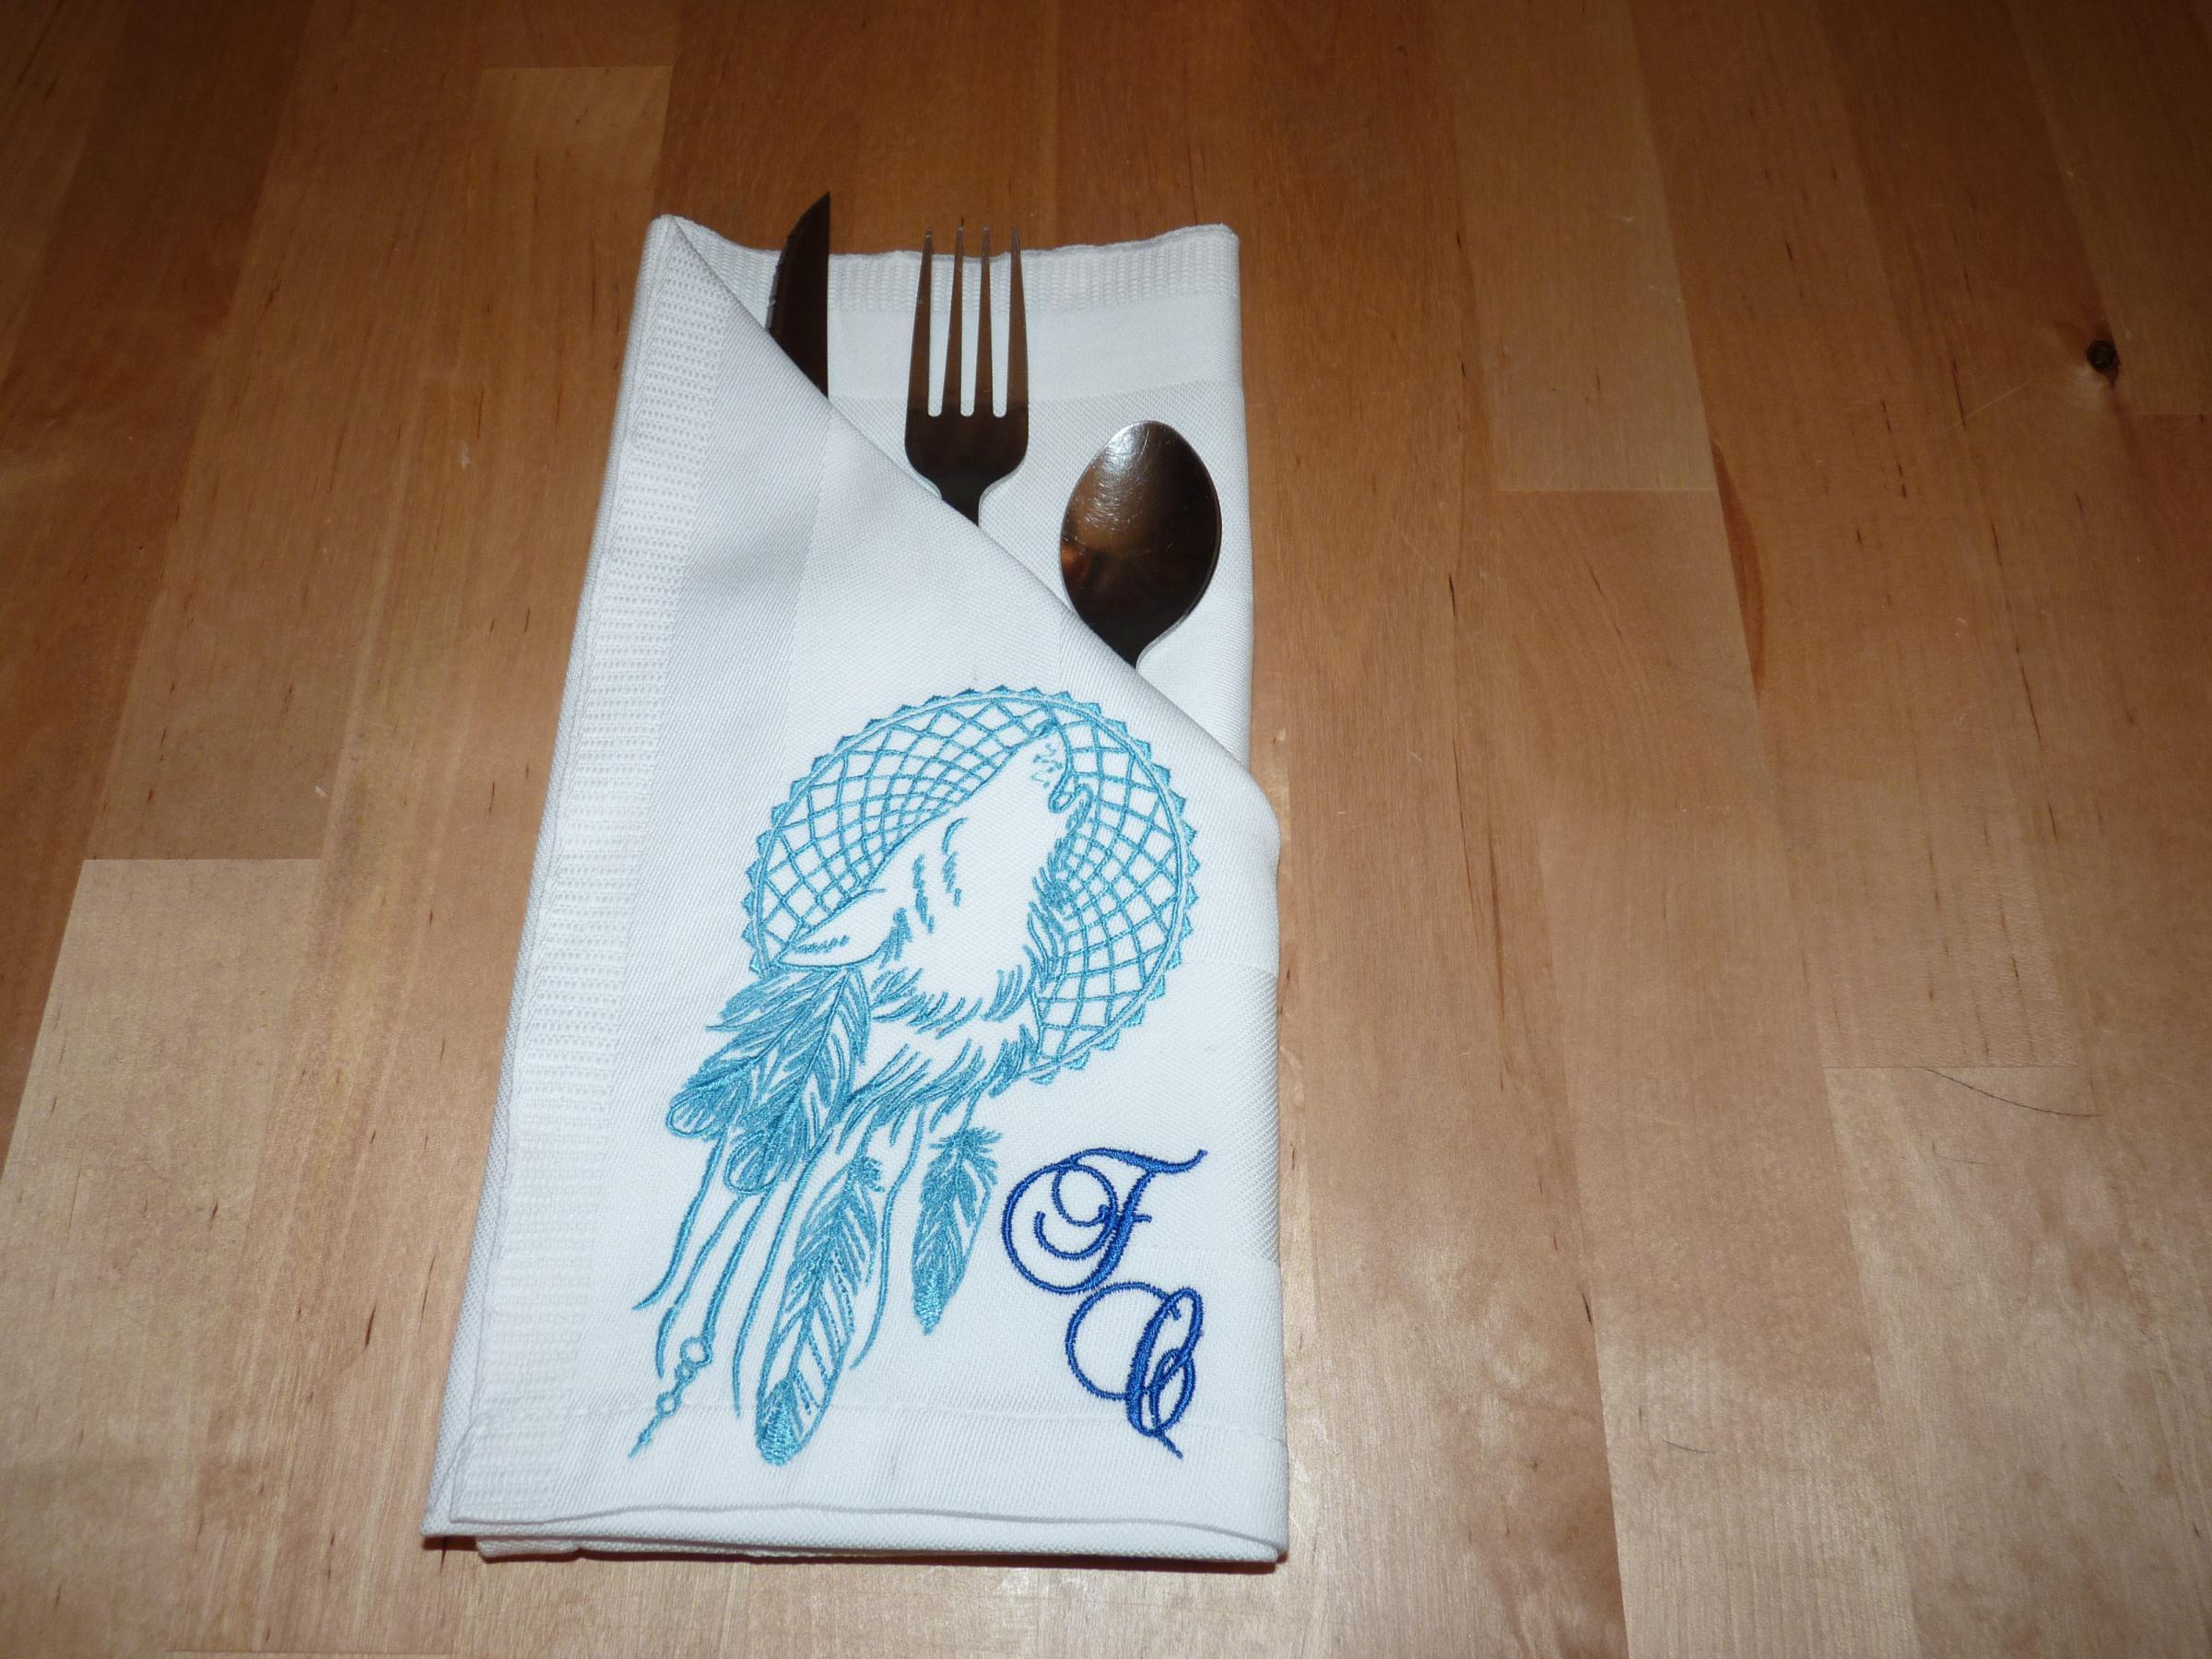 Emroidered napkin with Wolf dreamcatcher design